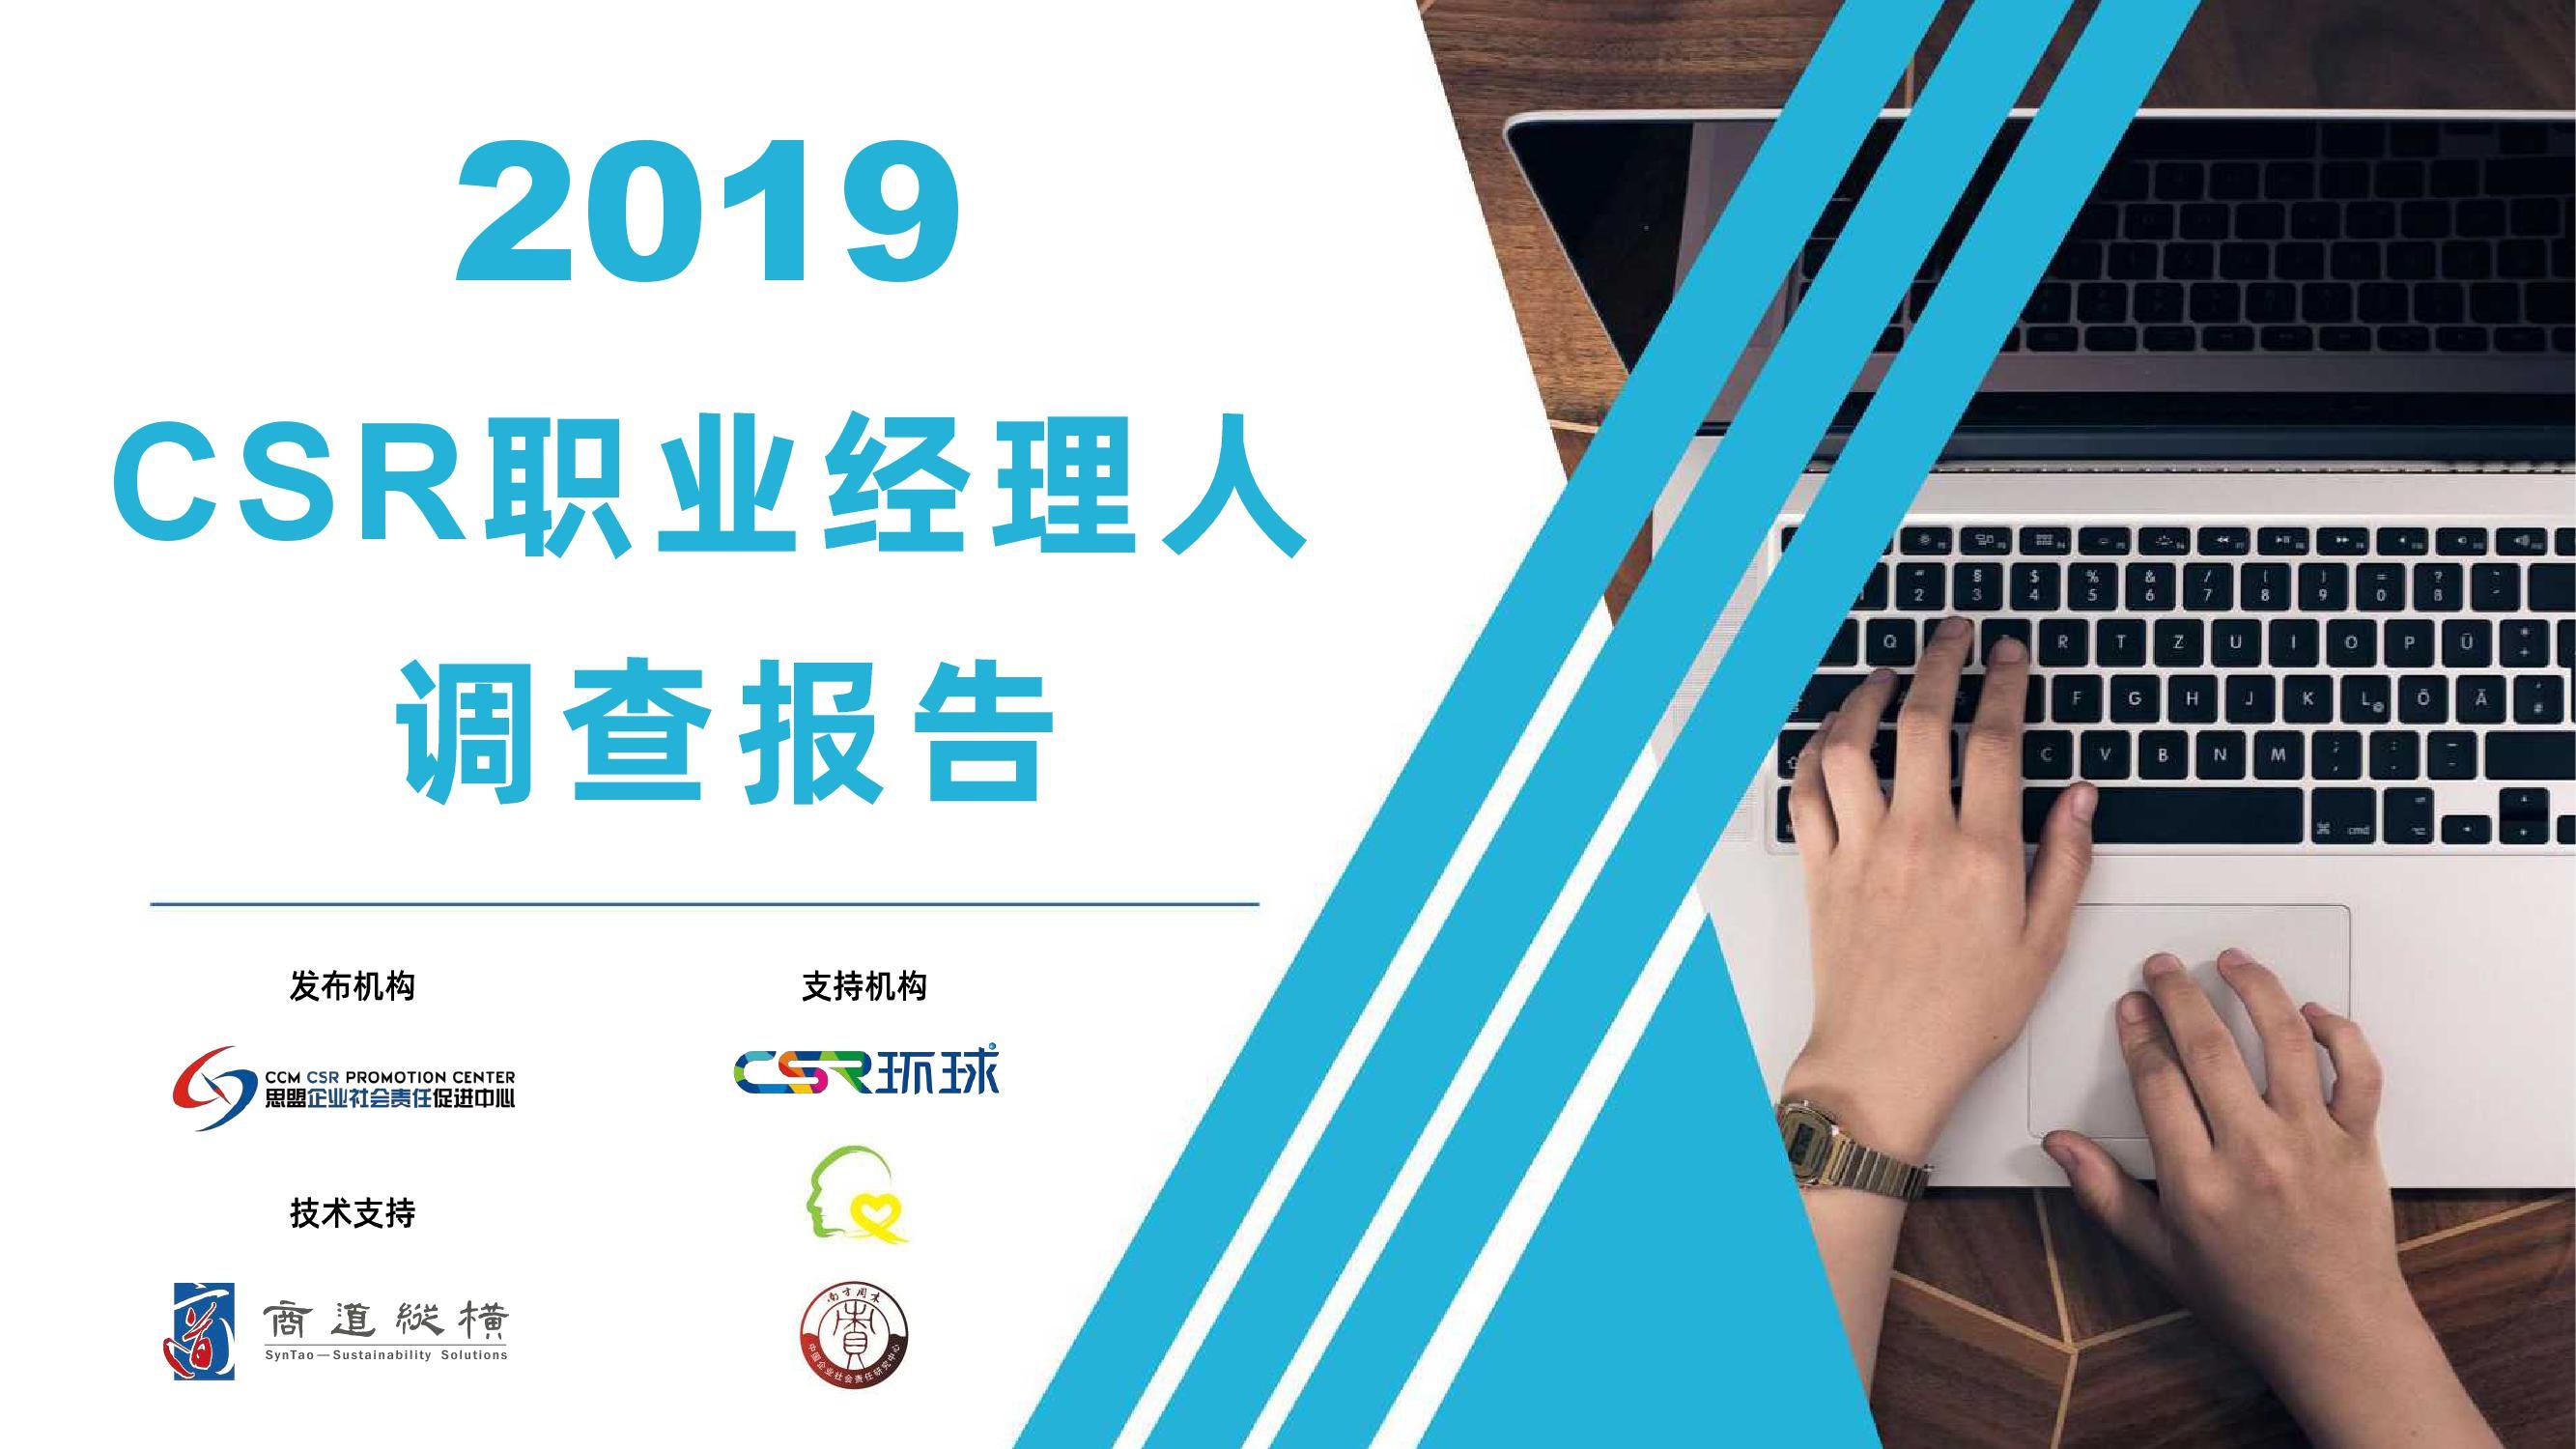 商道纵横:2019年CSR职业经理人调查报告(附下载)